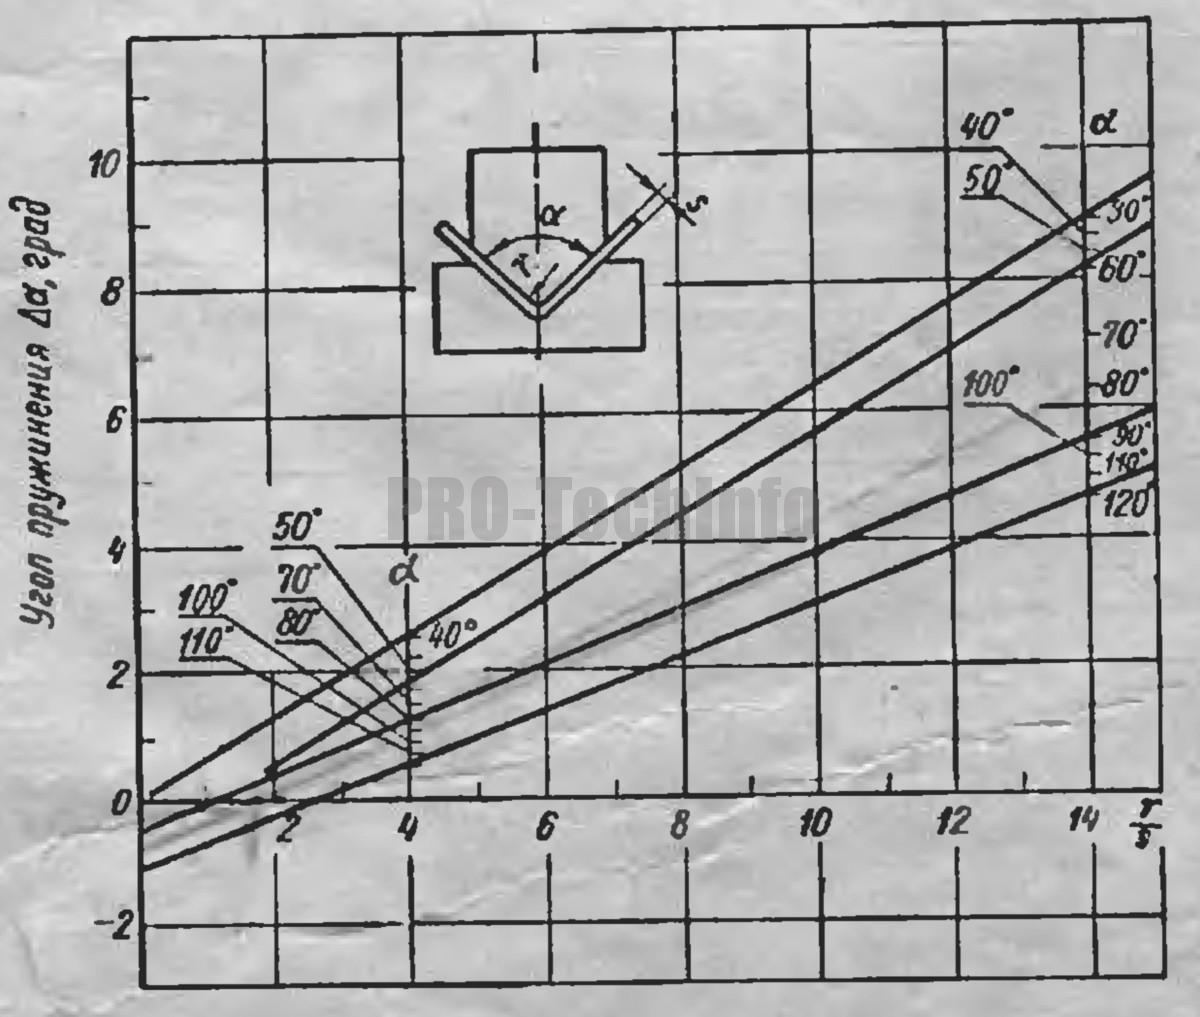 Углы пружинения Δα при гибке деталей из сталей марок Ст.2, Ст.3, 15 и 20